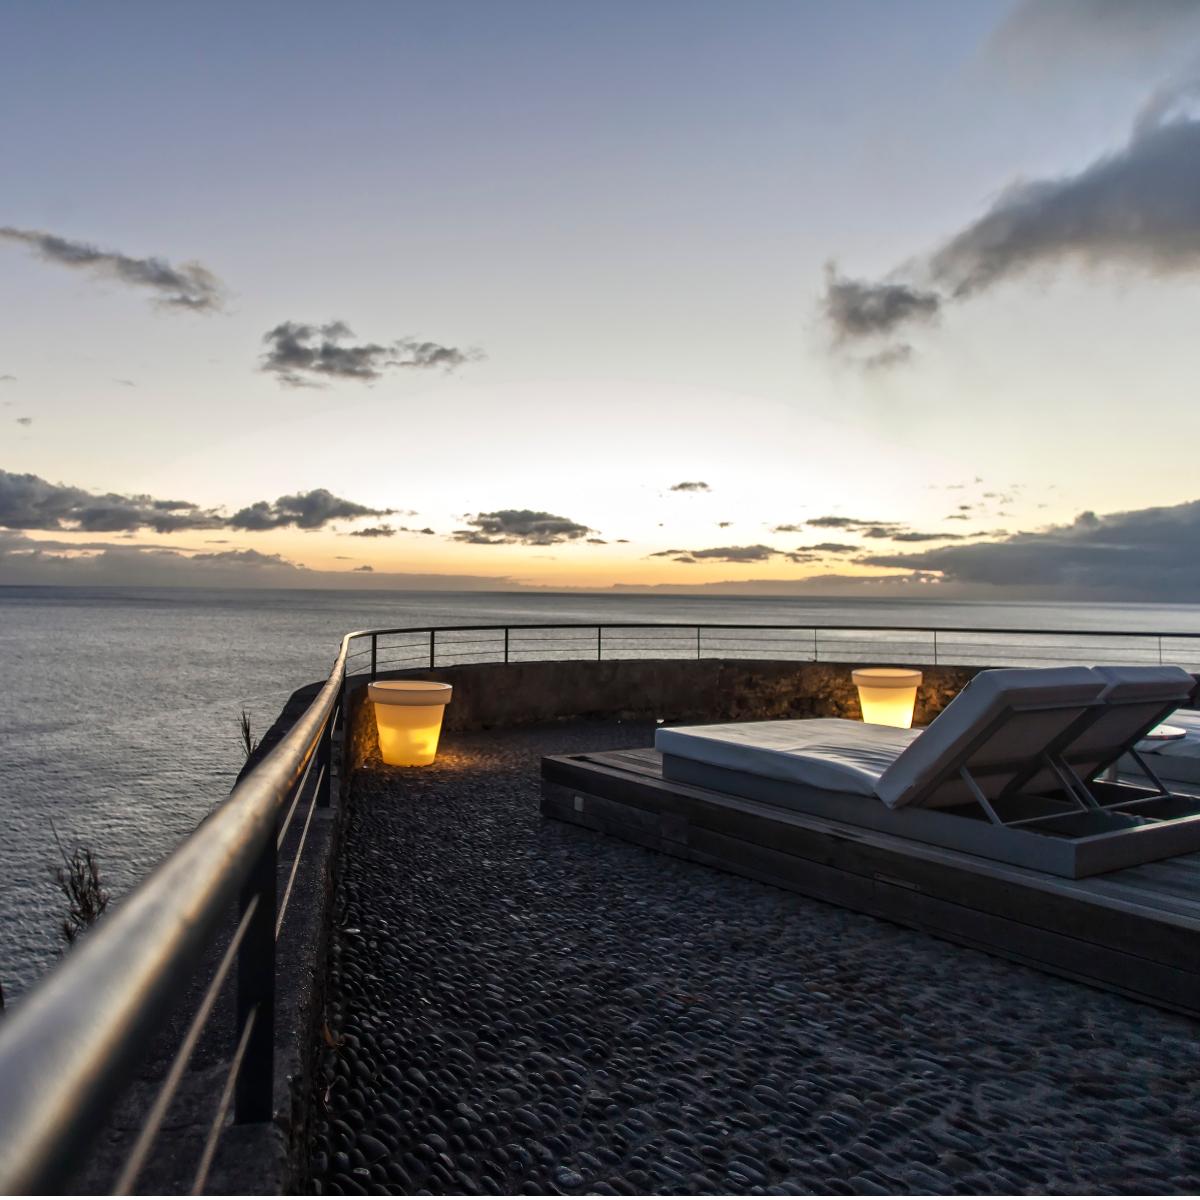 Ponta do sol auf Madeira (10)